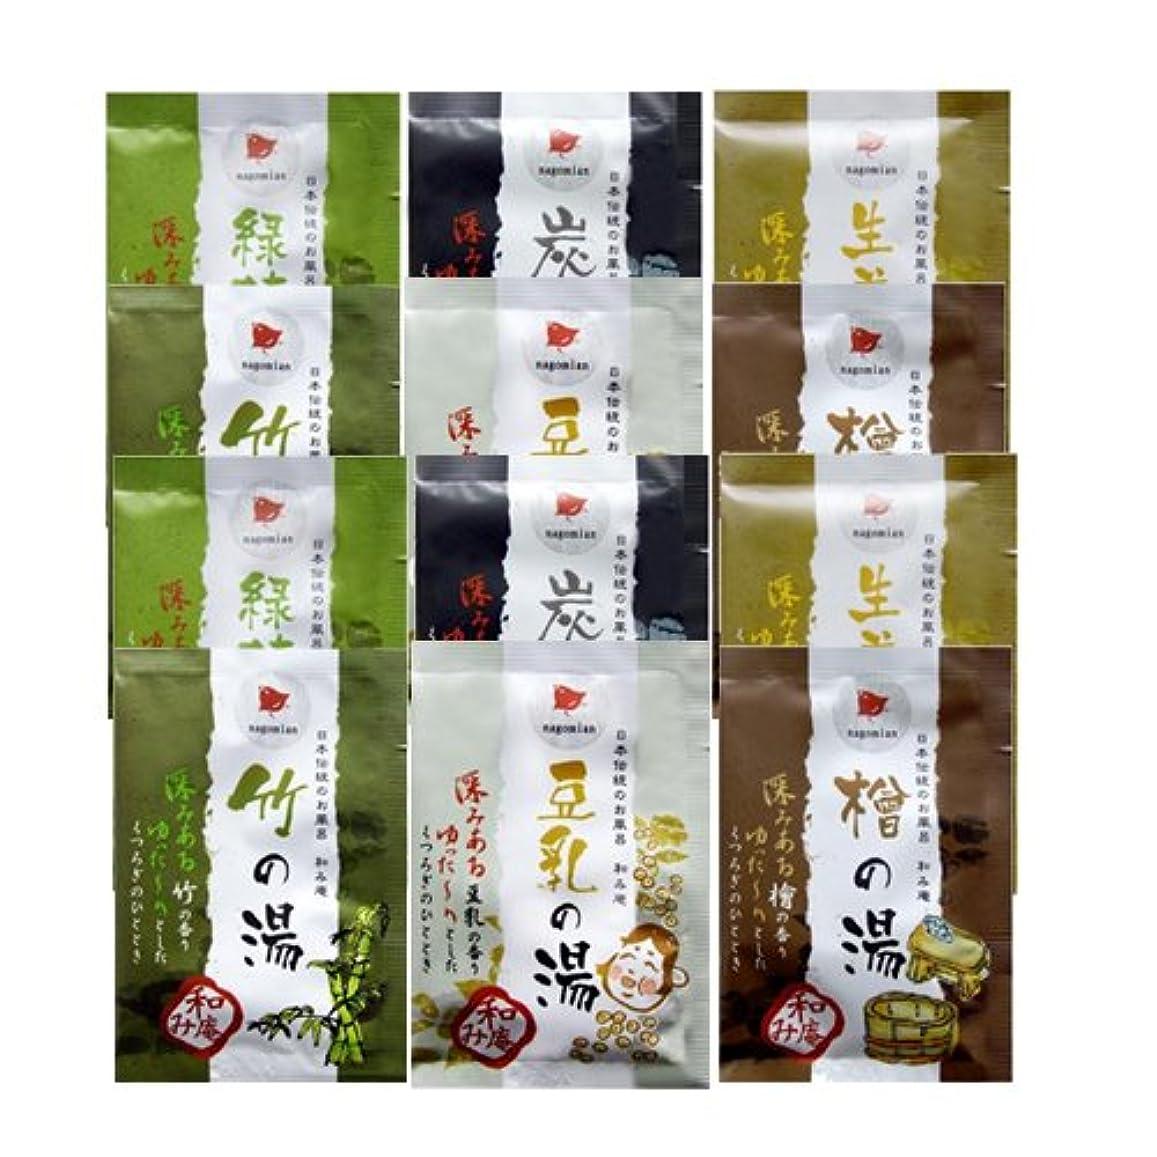 プレビューバーチャルアベニュー日本伝統のお風呂 和み庵 6種類×2個セット(計12包)